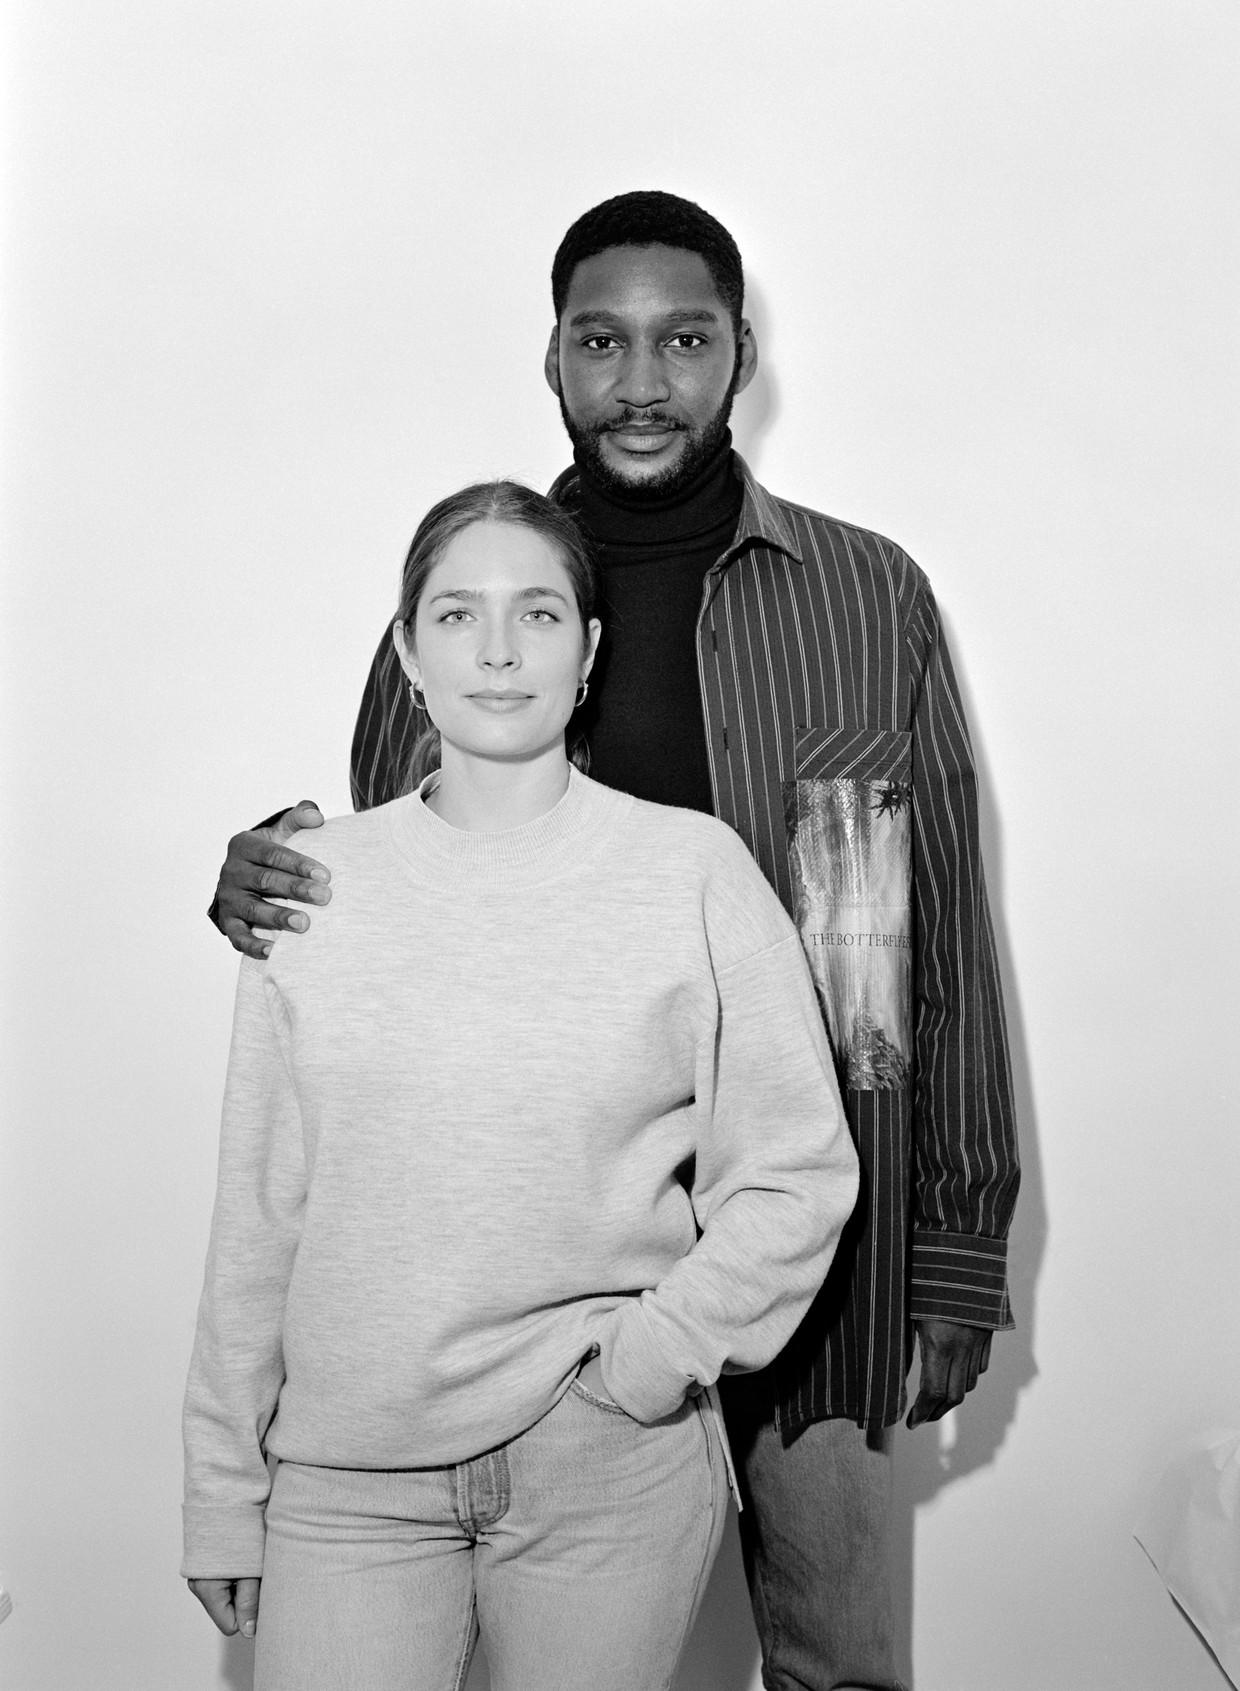 Rushemy Botter en Lisi Herrebrugh, oprichters van het modehuis Botter. Beeld Marleen Daniels